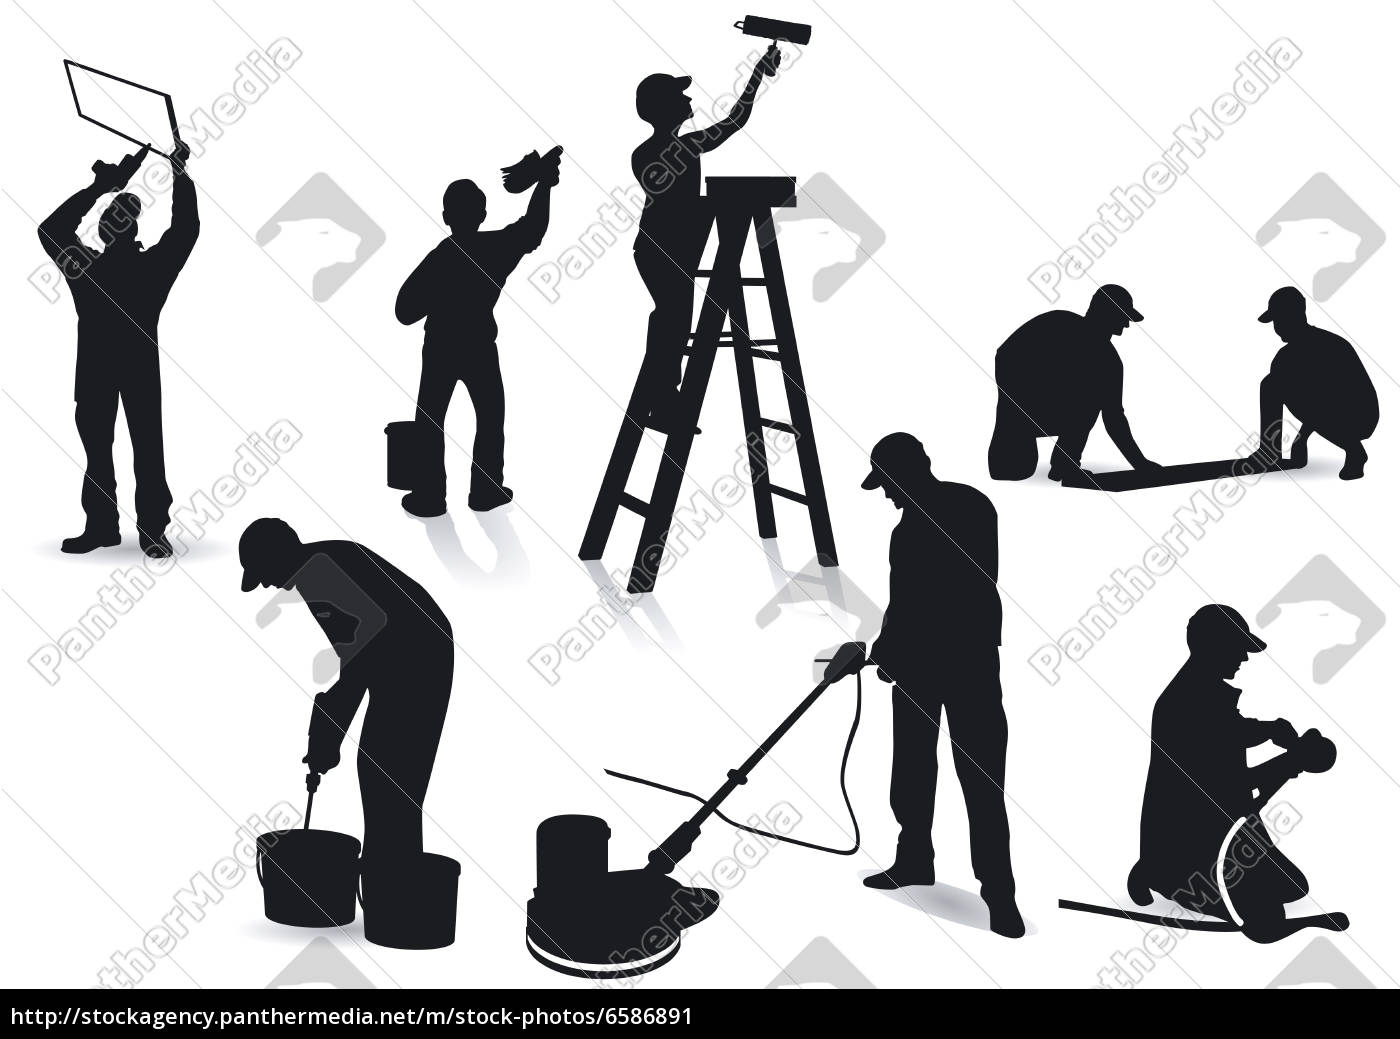 Handwerker zeichnung  Handwerker und Maler - Lizenzfreies Bild - #6586891 - Bildagentur ...